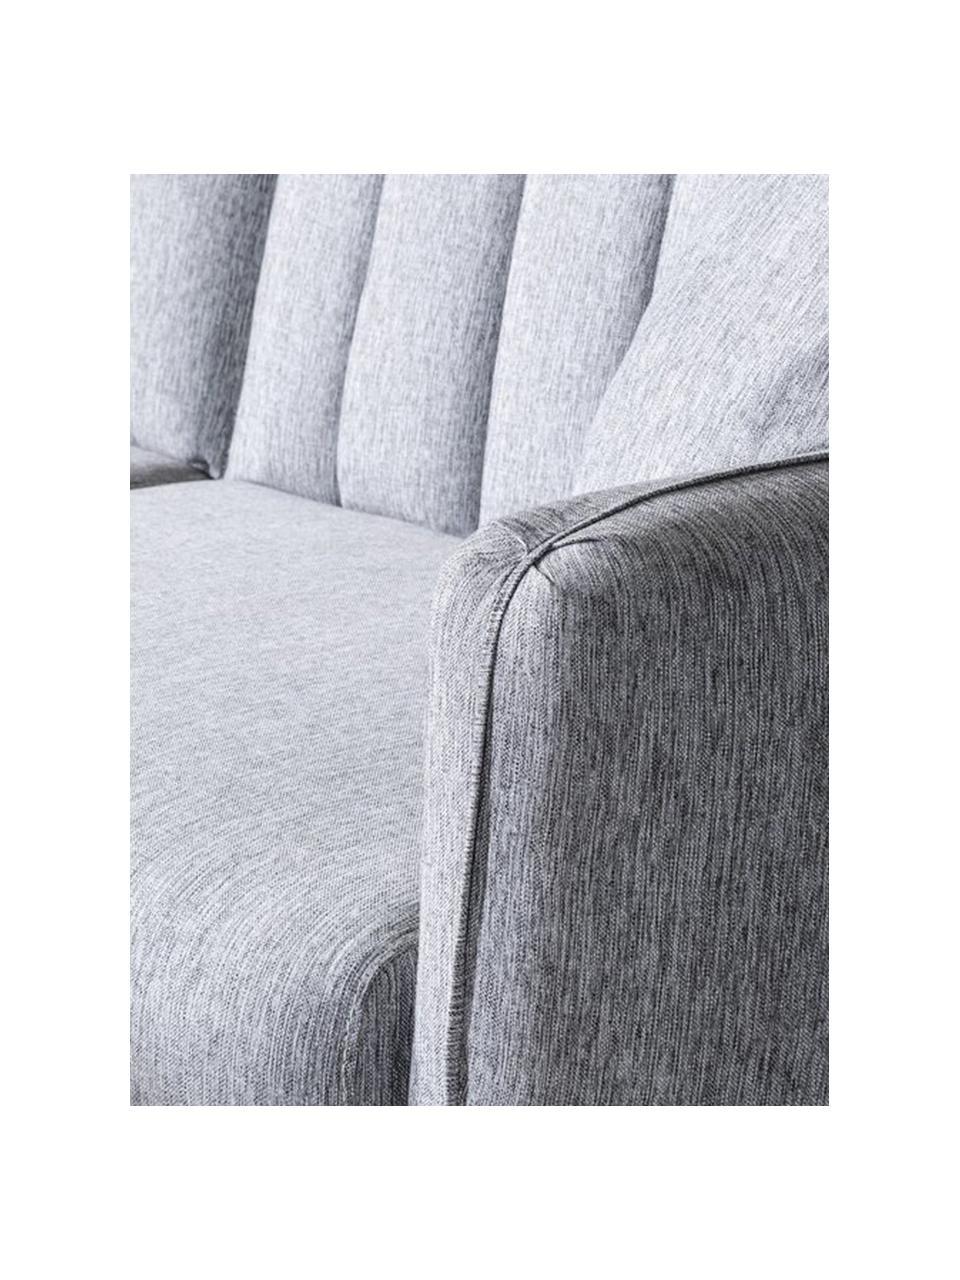 Sofa rozkładana Aqua (3-osobowa), Tapicerka: len, Stelaż: drewno rogowe, metal, Nogi: drewno naturalne, Jasny szary, S 202 x G 85 cm